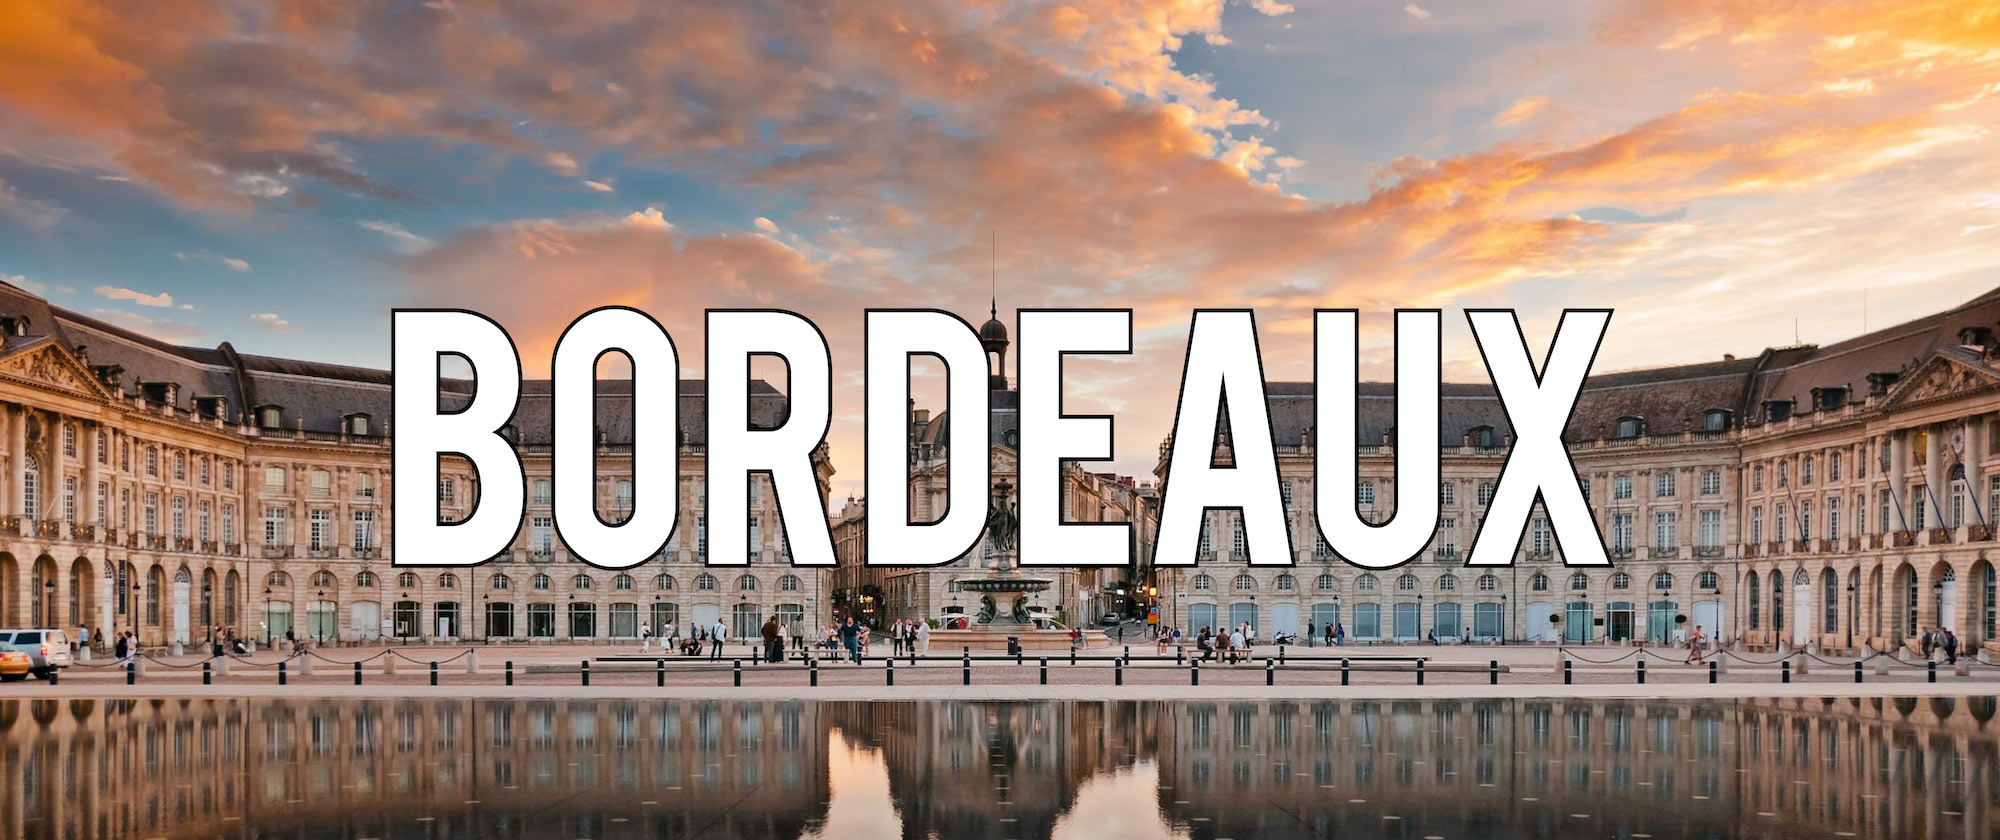 Voyage City Guide Bordeaux